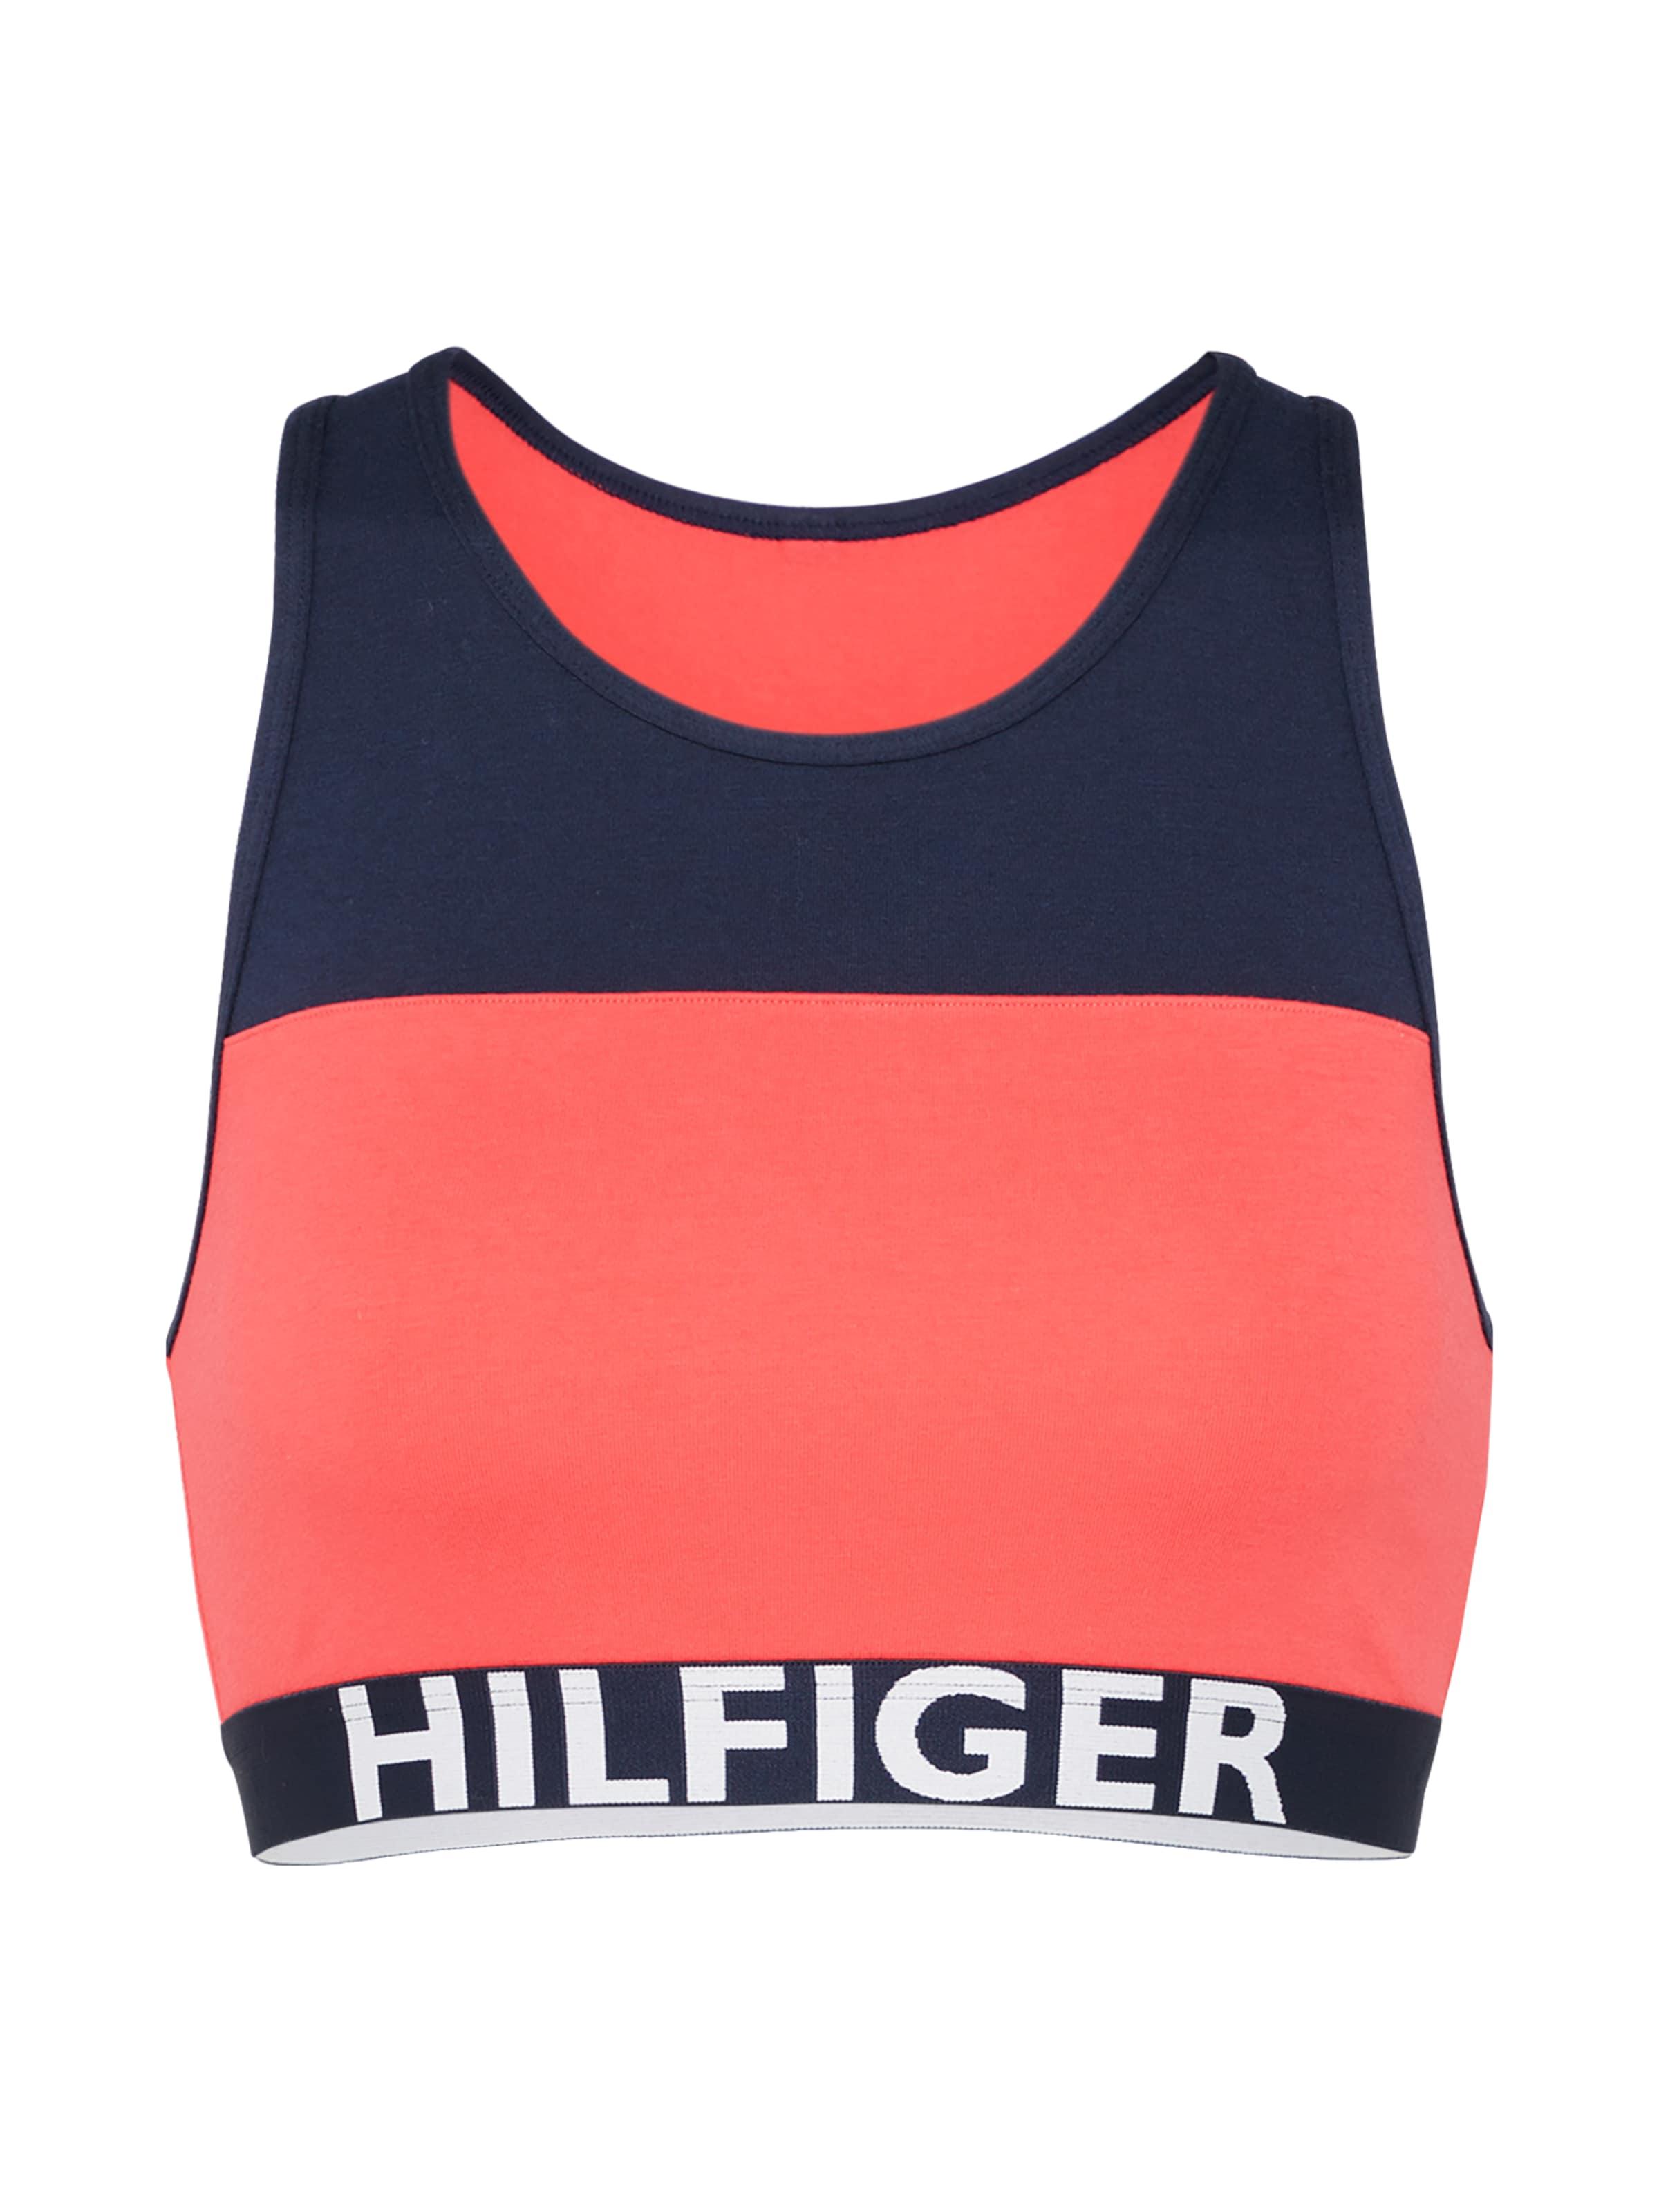 Preise Online-Verkauf Tommy Hilfiger Underwear Bustier mit Logobund Auslass Zahlung Mit Visa Footlocker Bilder Verkauf Online Günstige Online IEtZQ